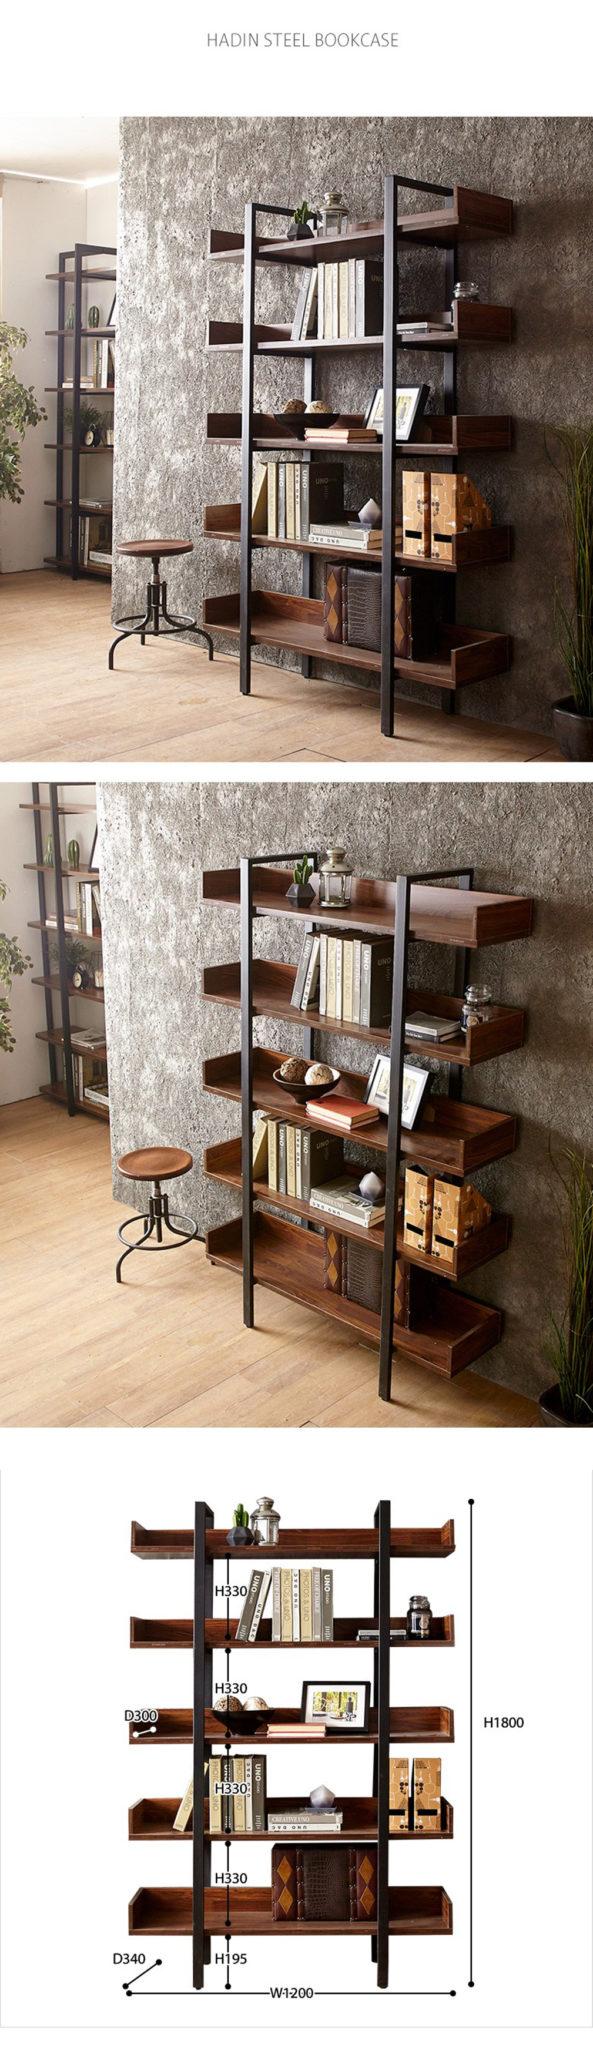 Kệ Khung Sắt - KVDU05kệ thường được sử dụng lưu trữ sách vở tuy nhiên chúng cũng có thể làm kệ trưng bày sản phẩm cho các bạn có tín đồ yêu thích cái đẹp.